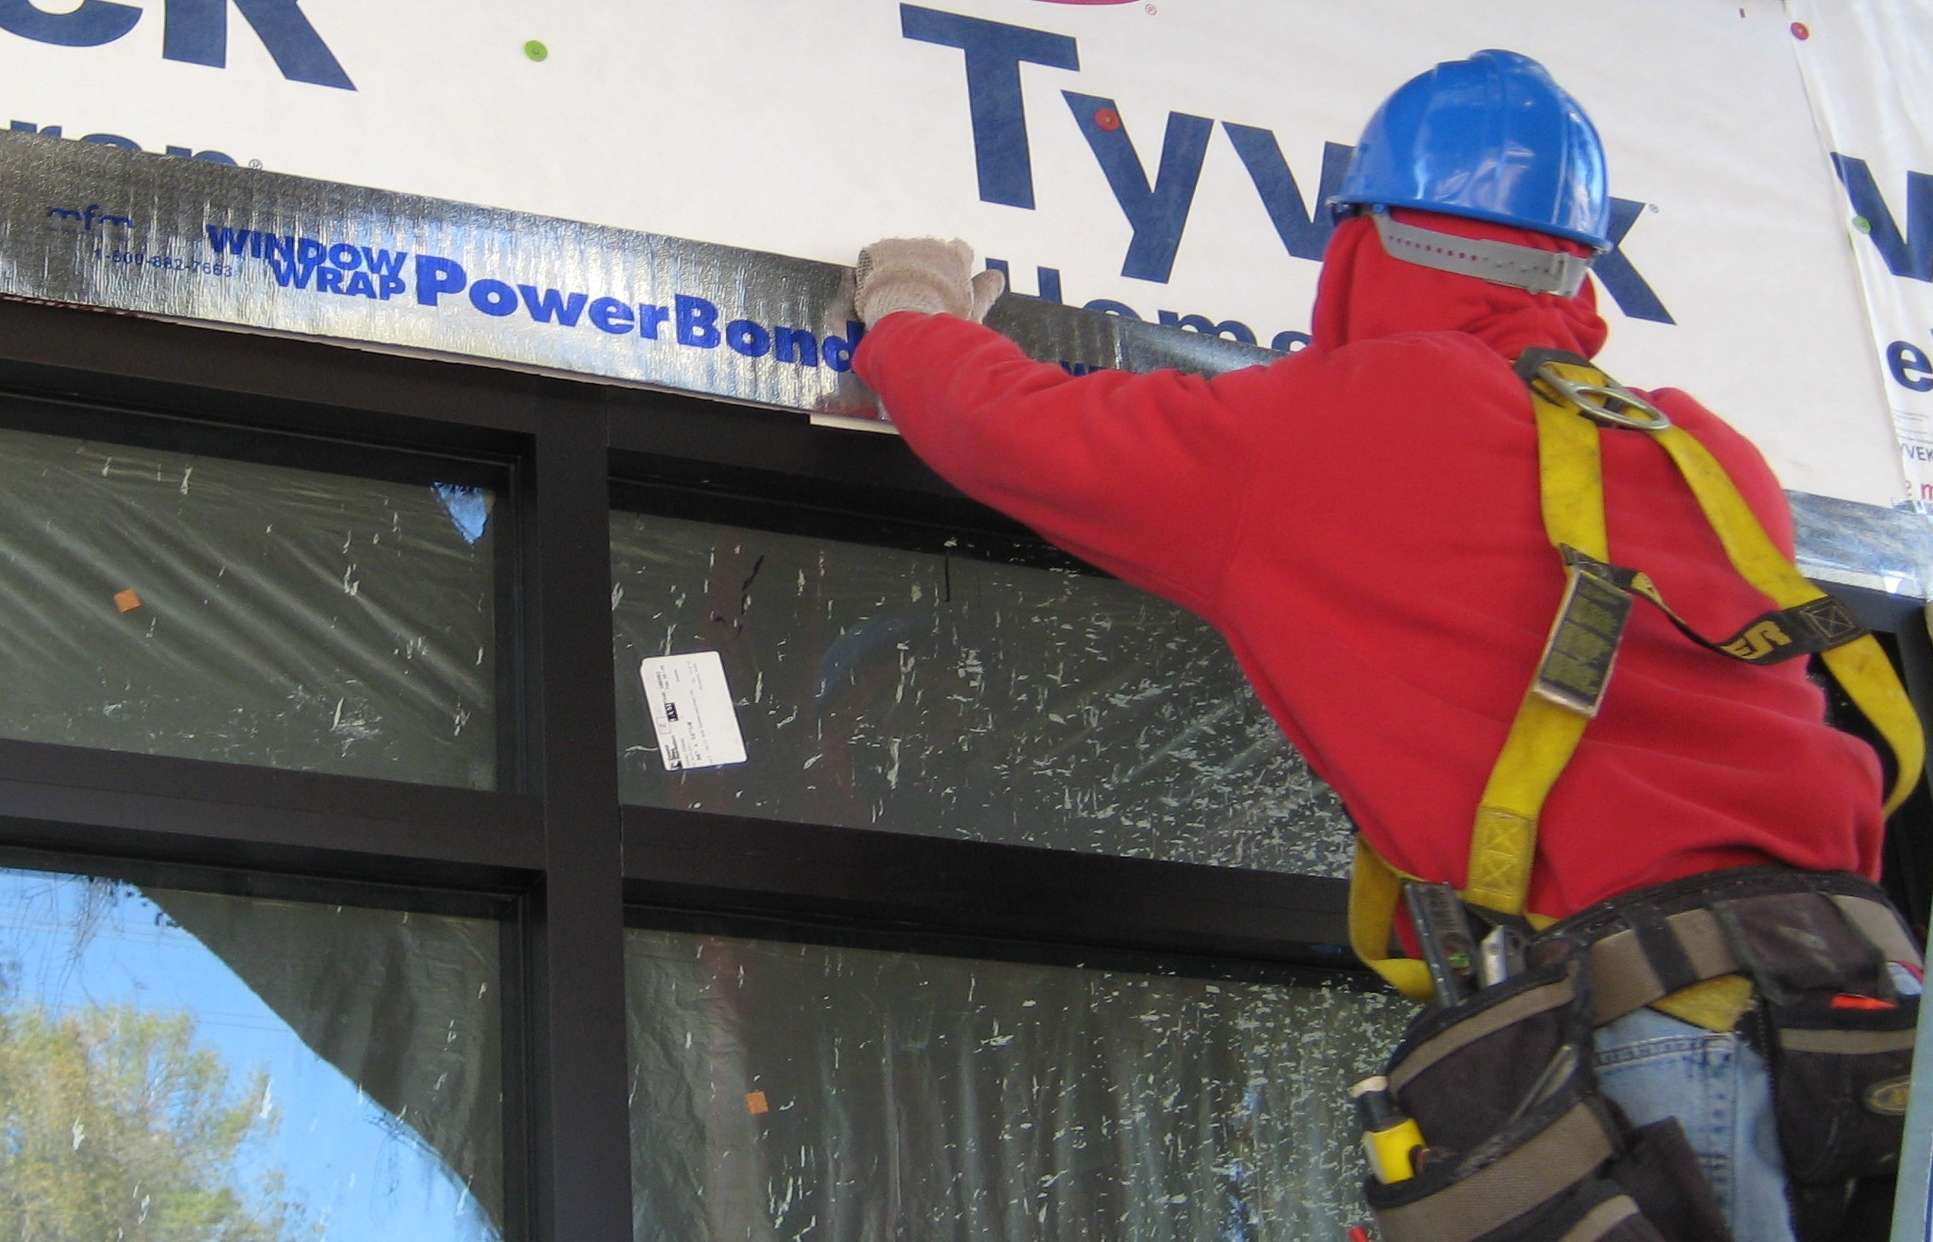 WindowWrap PowerBond.JPG